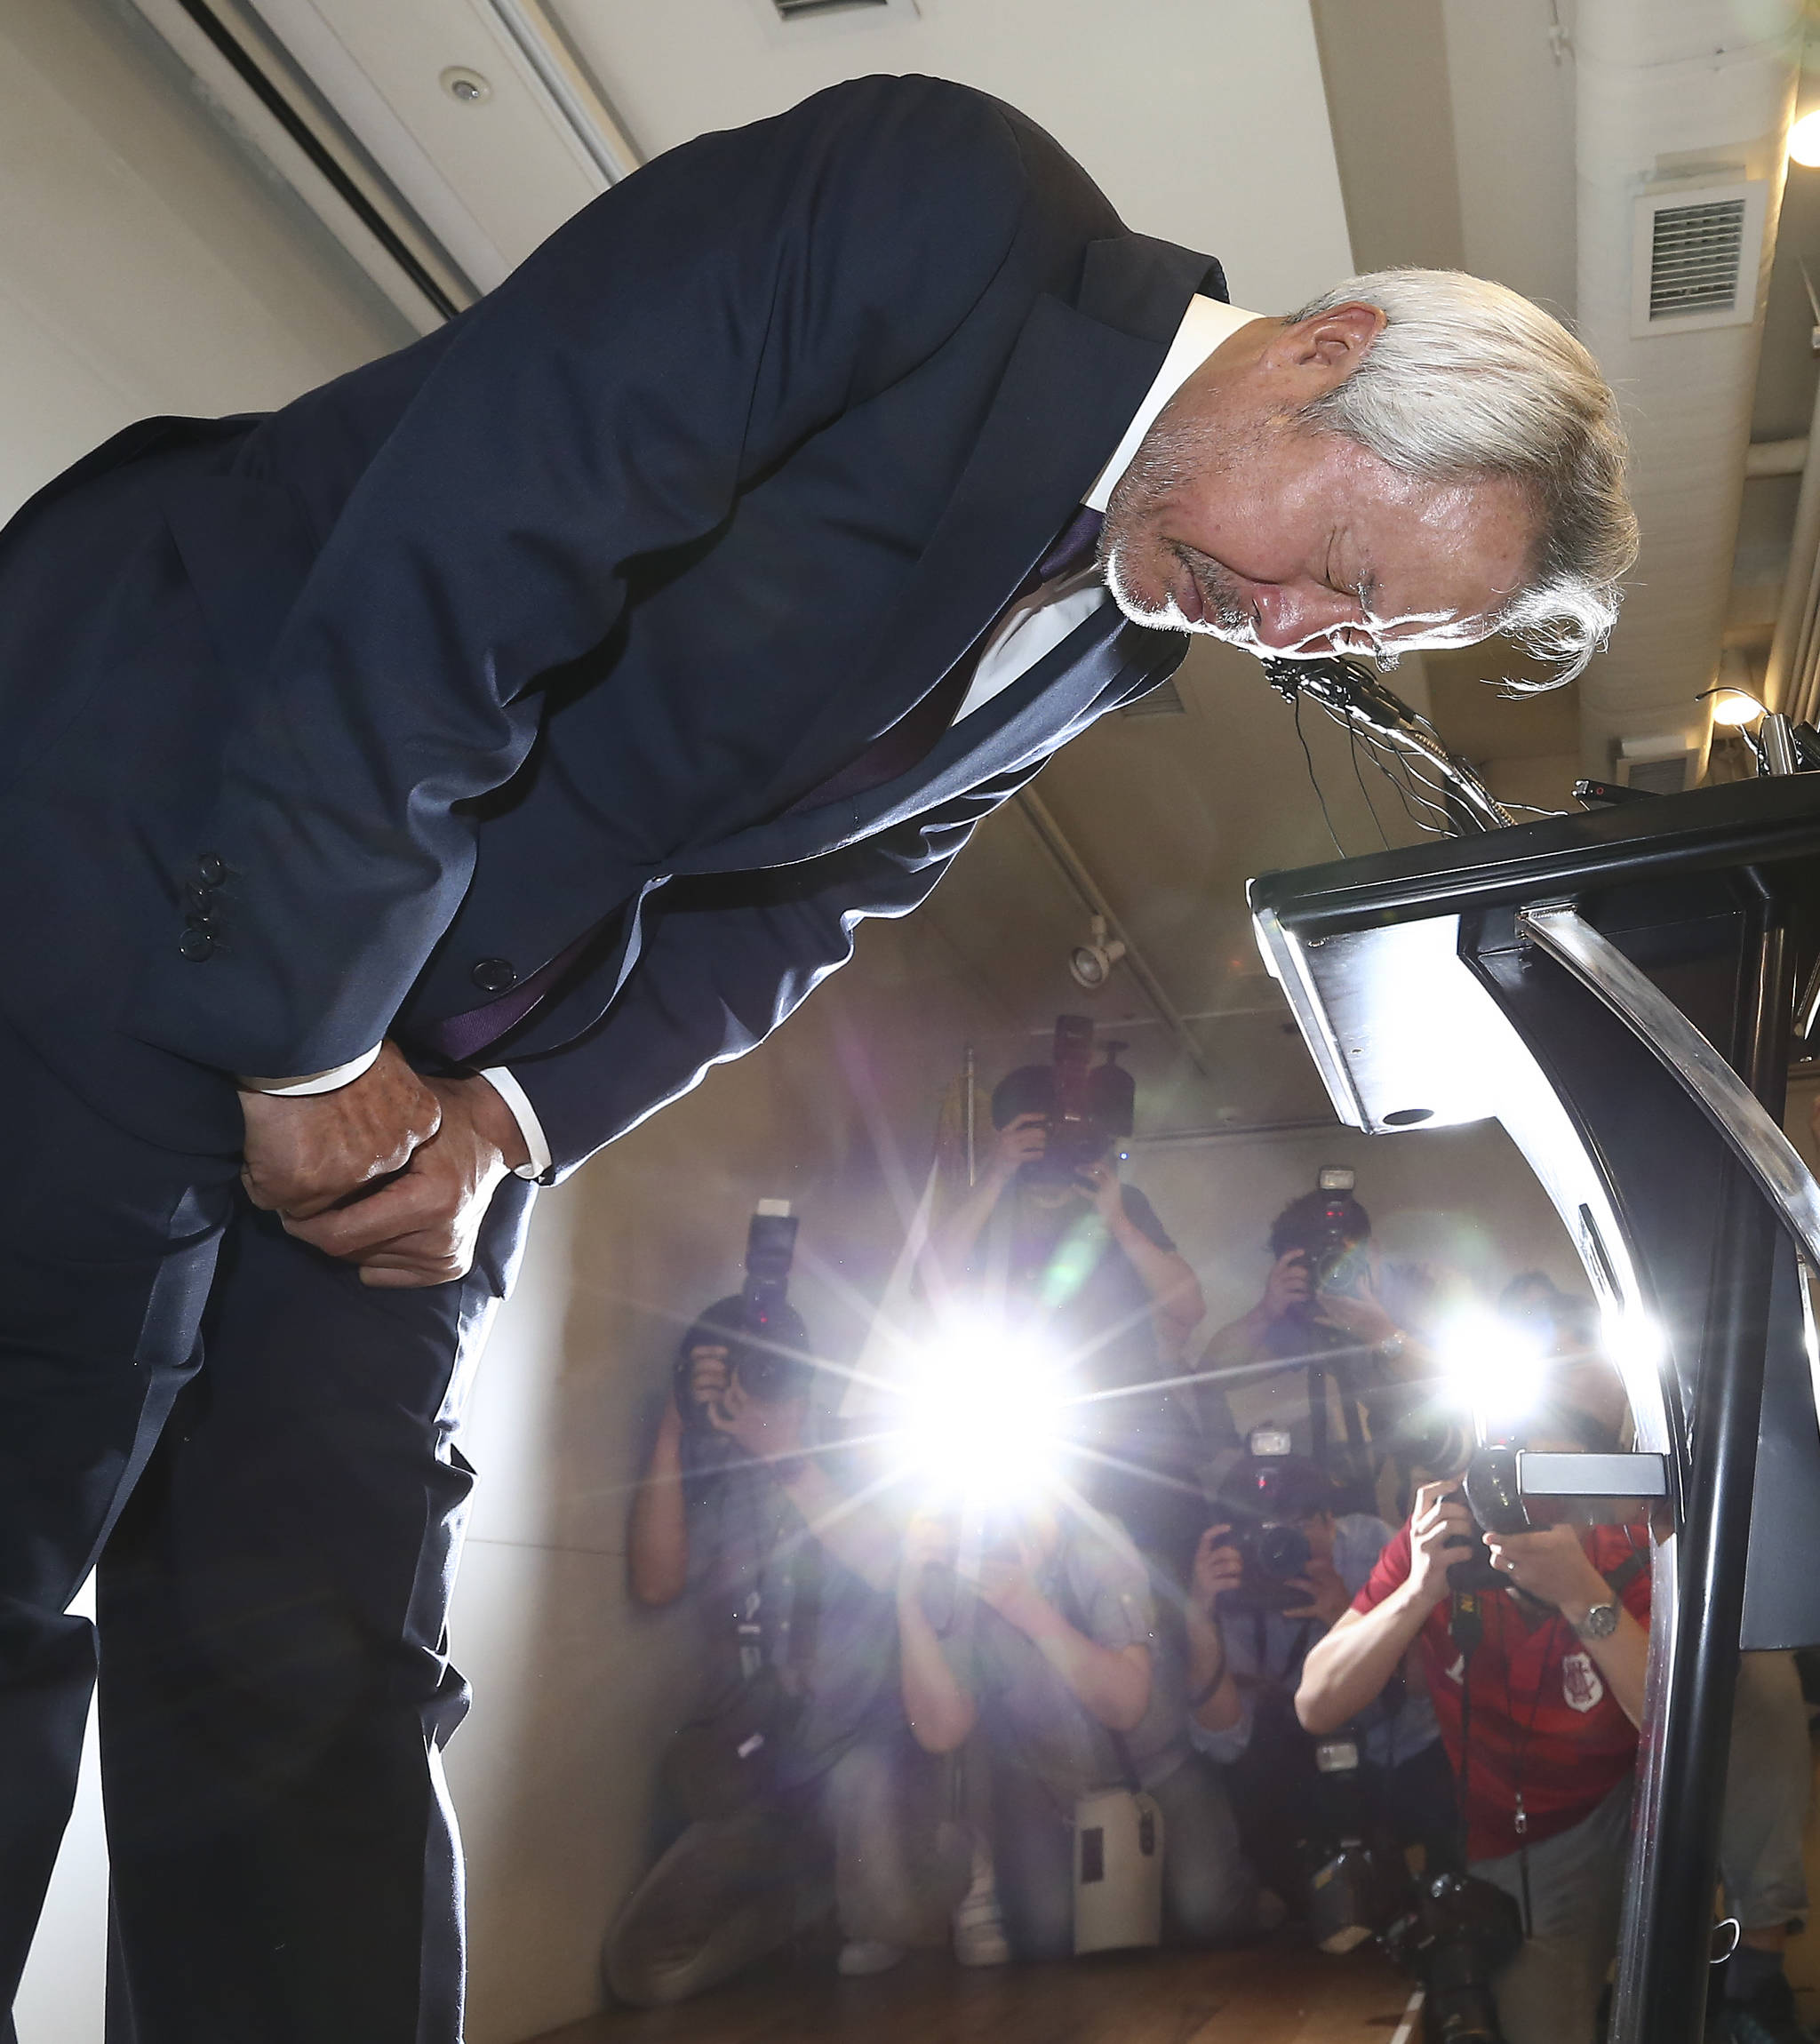 '치즈통행세' 문제로 검찰 조사를 받고 있는 미스터피자 정우현 회장이 26일 오후 서울 서초구 방배동 MP그룹 본사에서 기자회견을 열어 대국민사과를 했다. 정 회장이 허리숙여 사과하고 있다. 임현동 기자